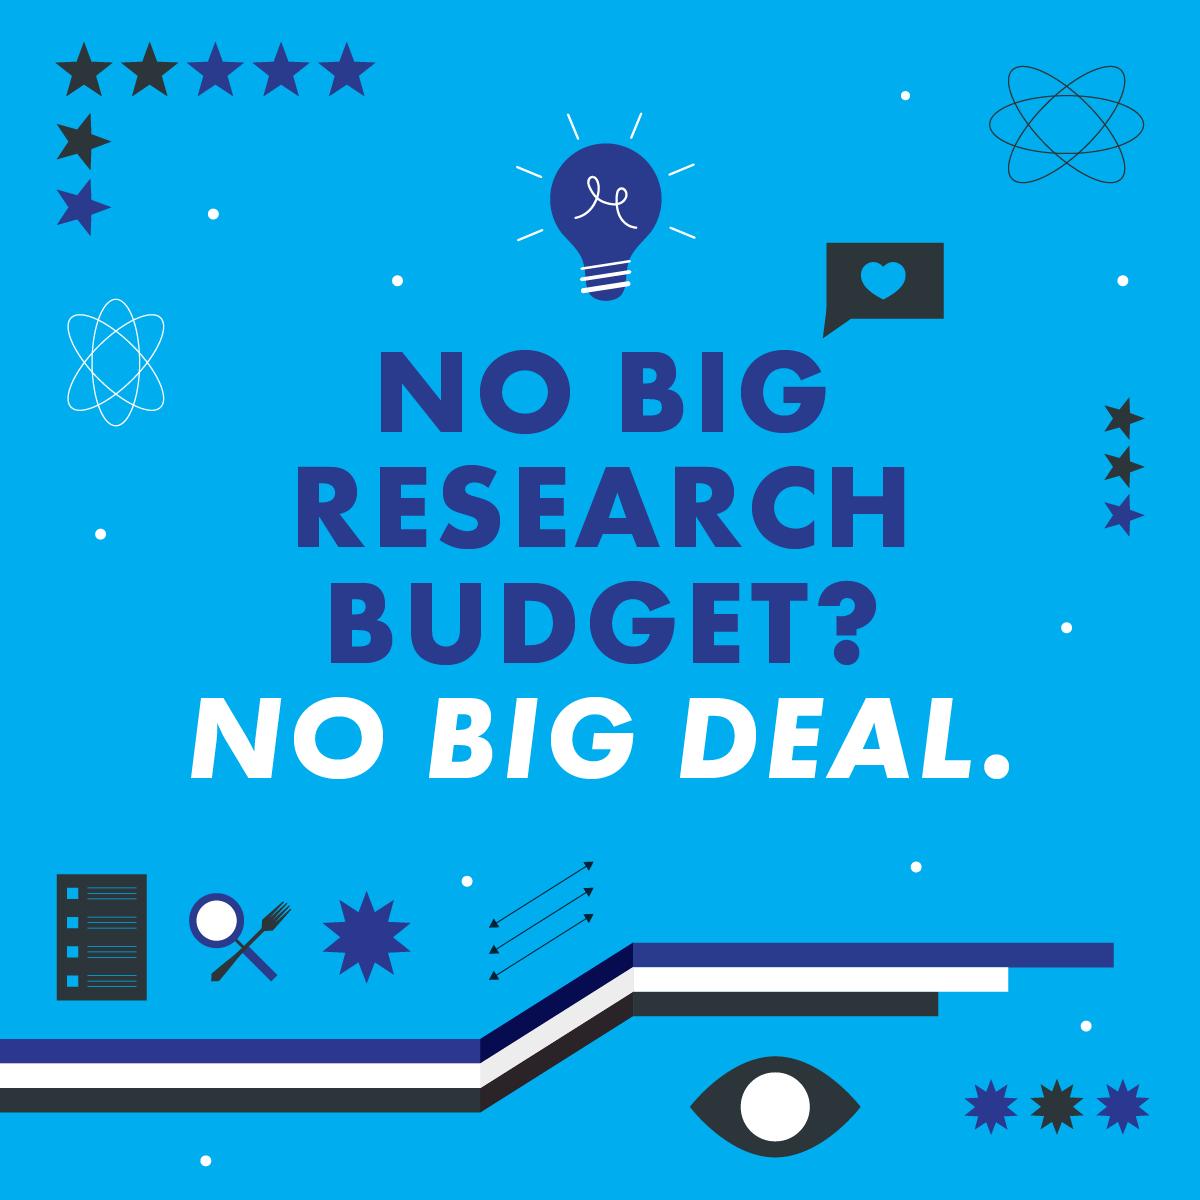 No big research budget? No big deal.